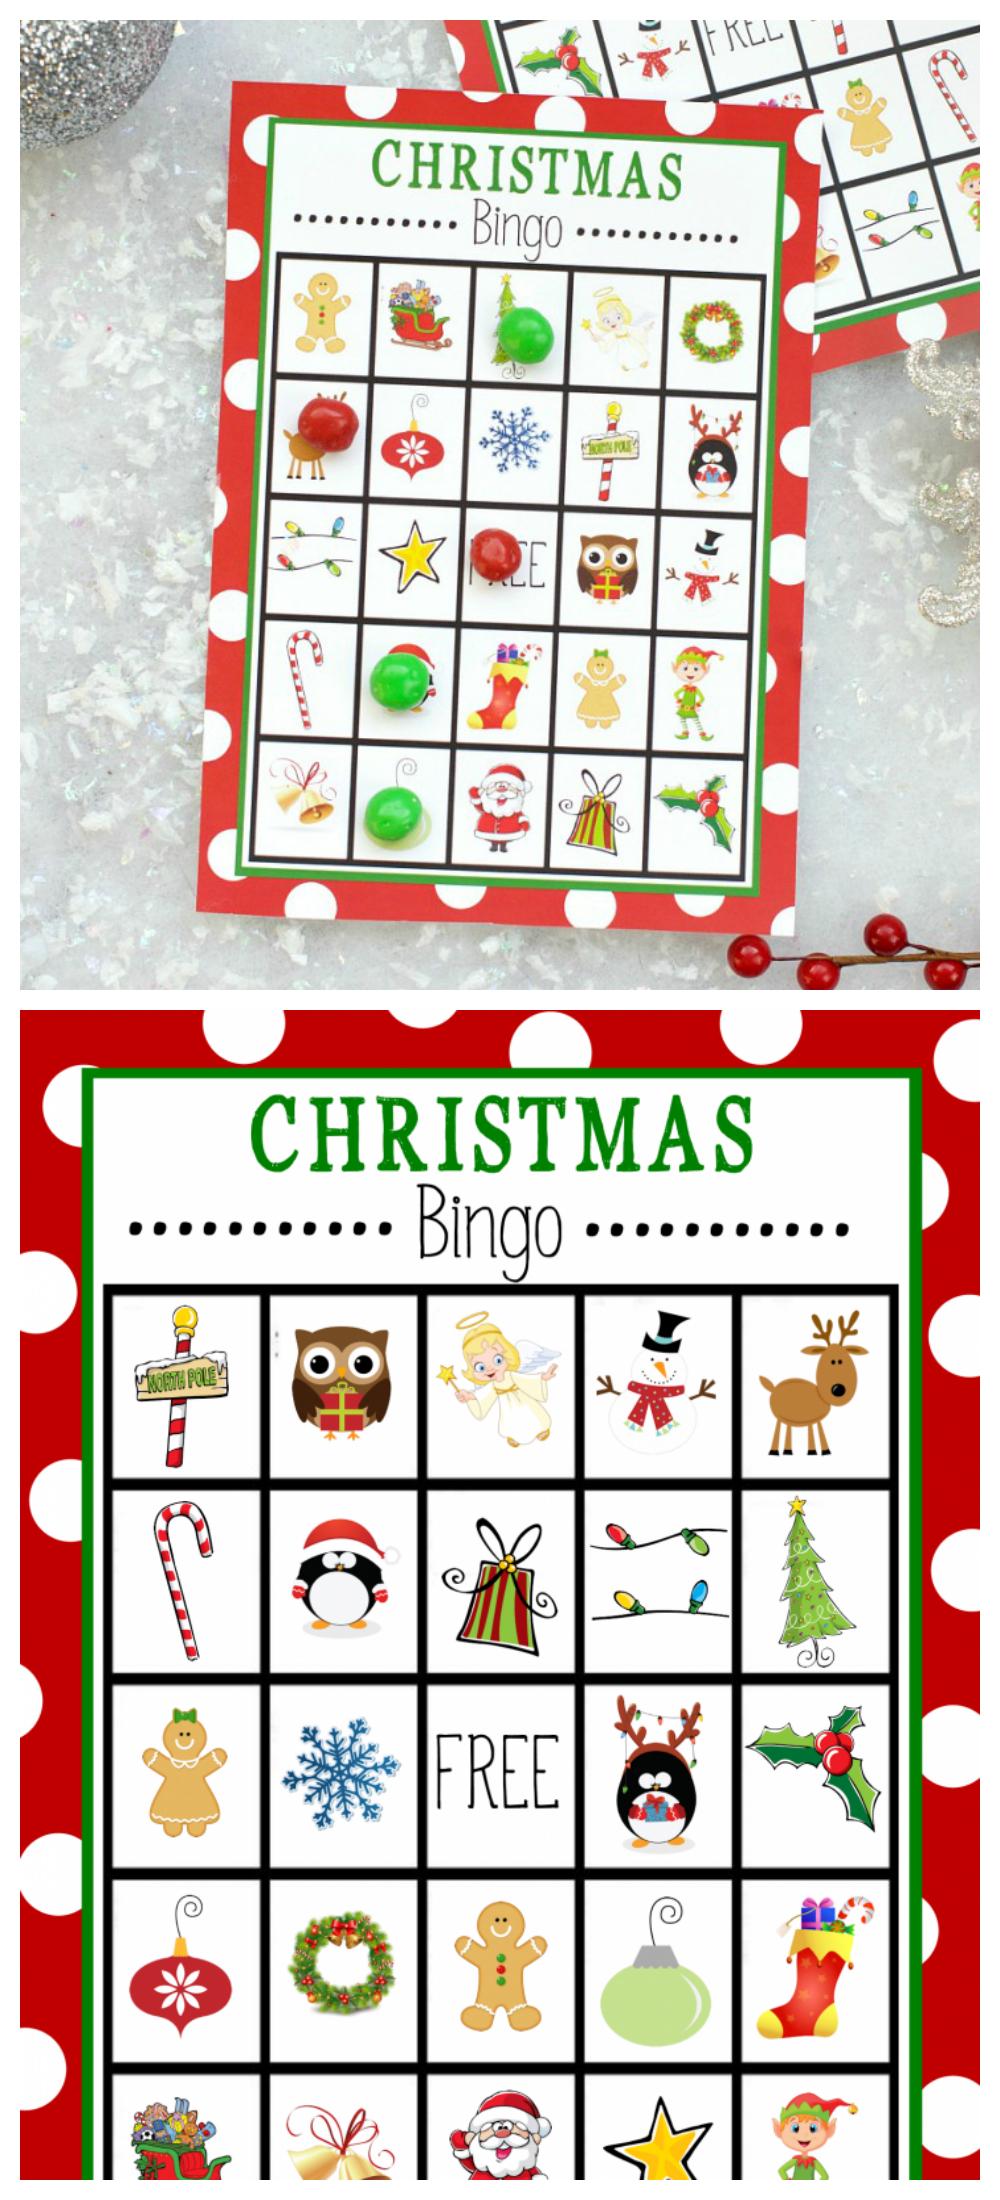 Free Printable Christmas Bingo Game – Fun-Squared - Free Printable Christmas Bingo Cards